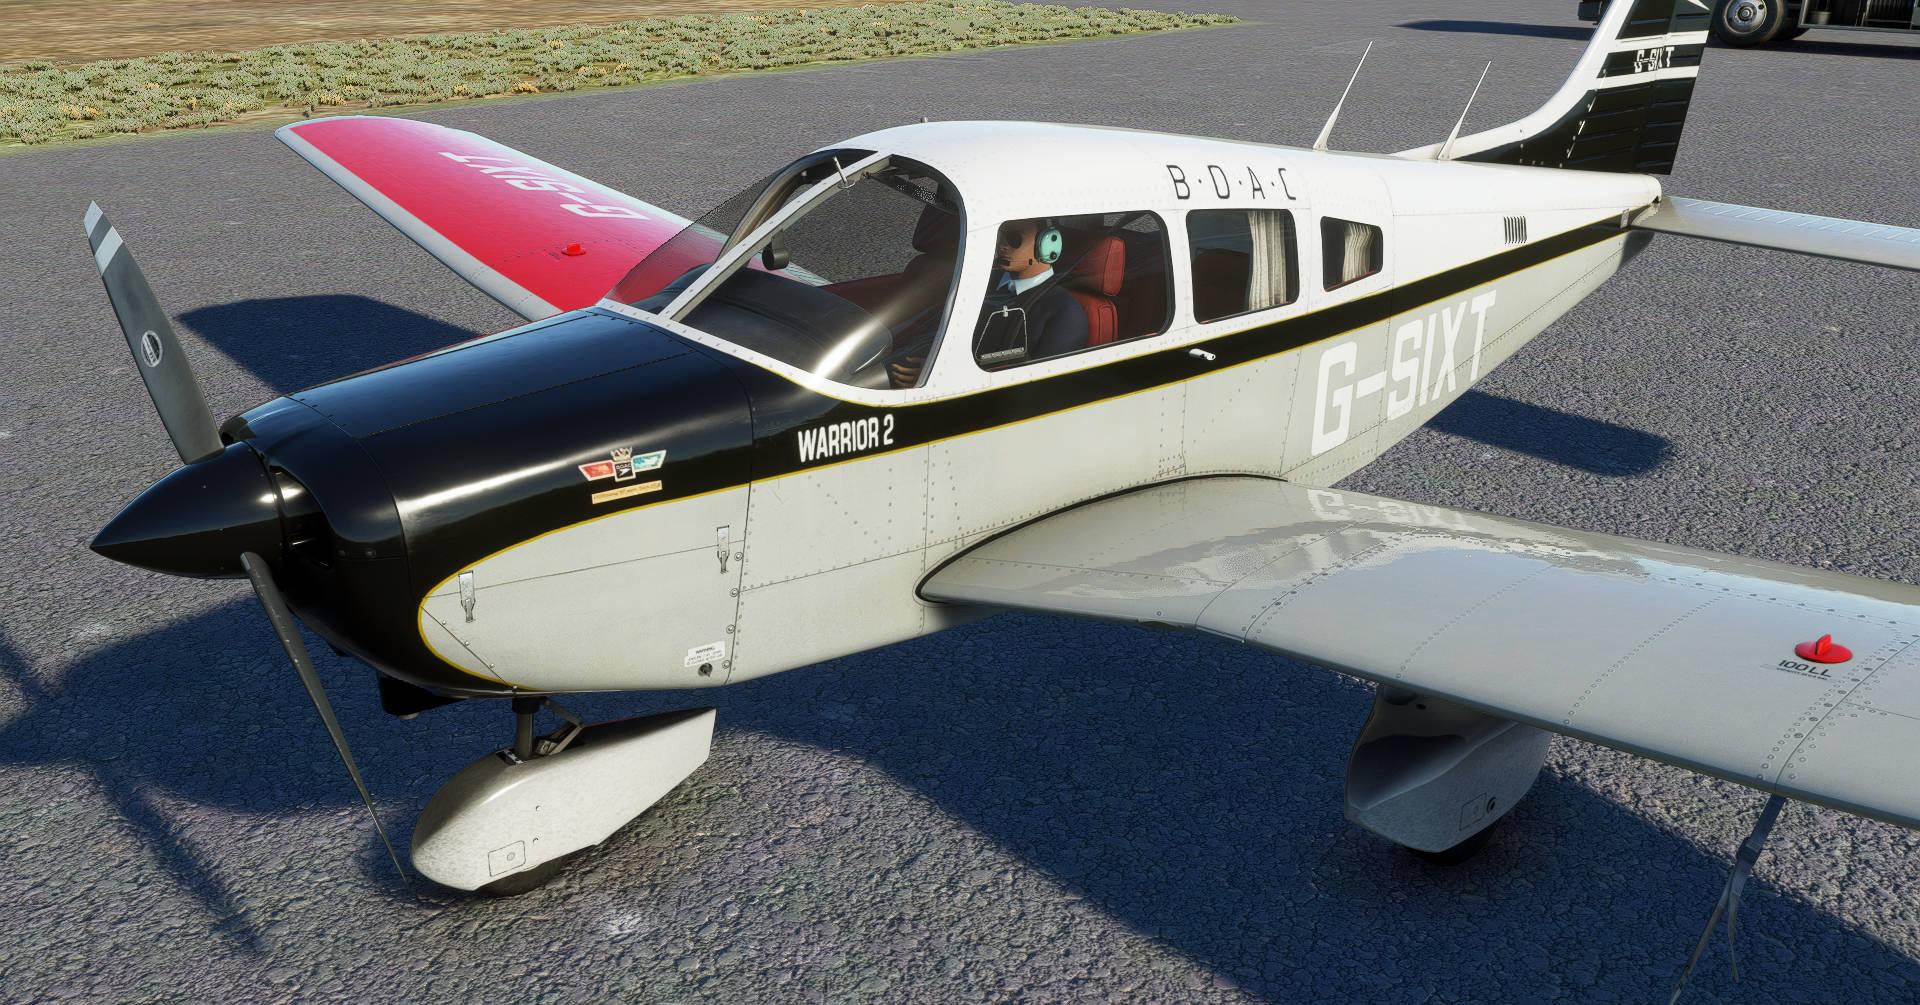 pa28-161-warrior-ii-microsoft-flight-simulator_5_ss_l_210721103047